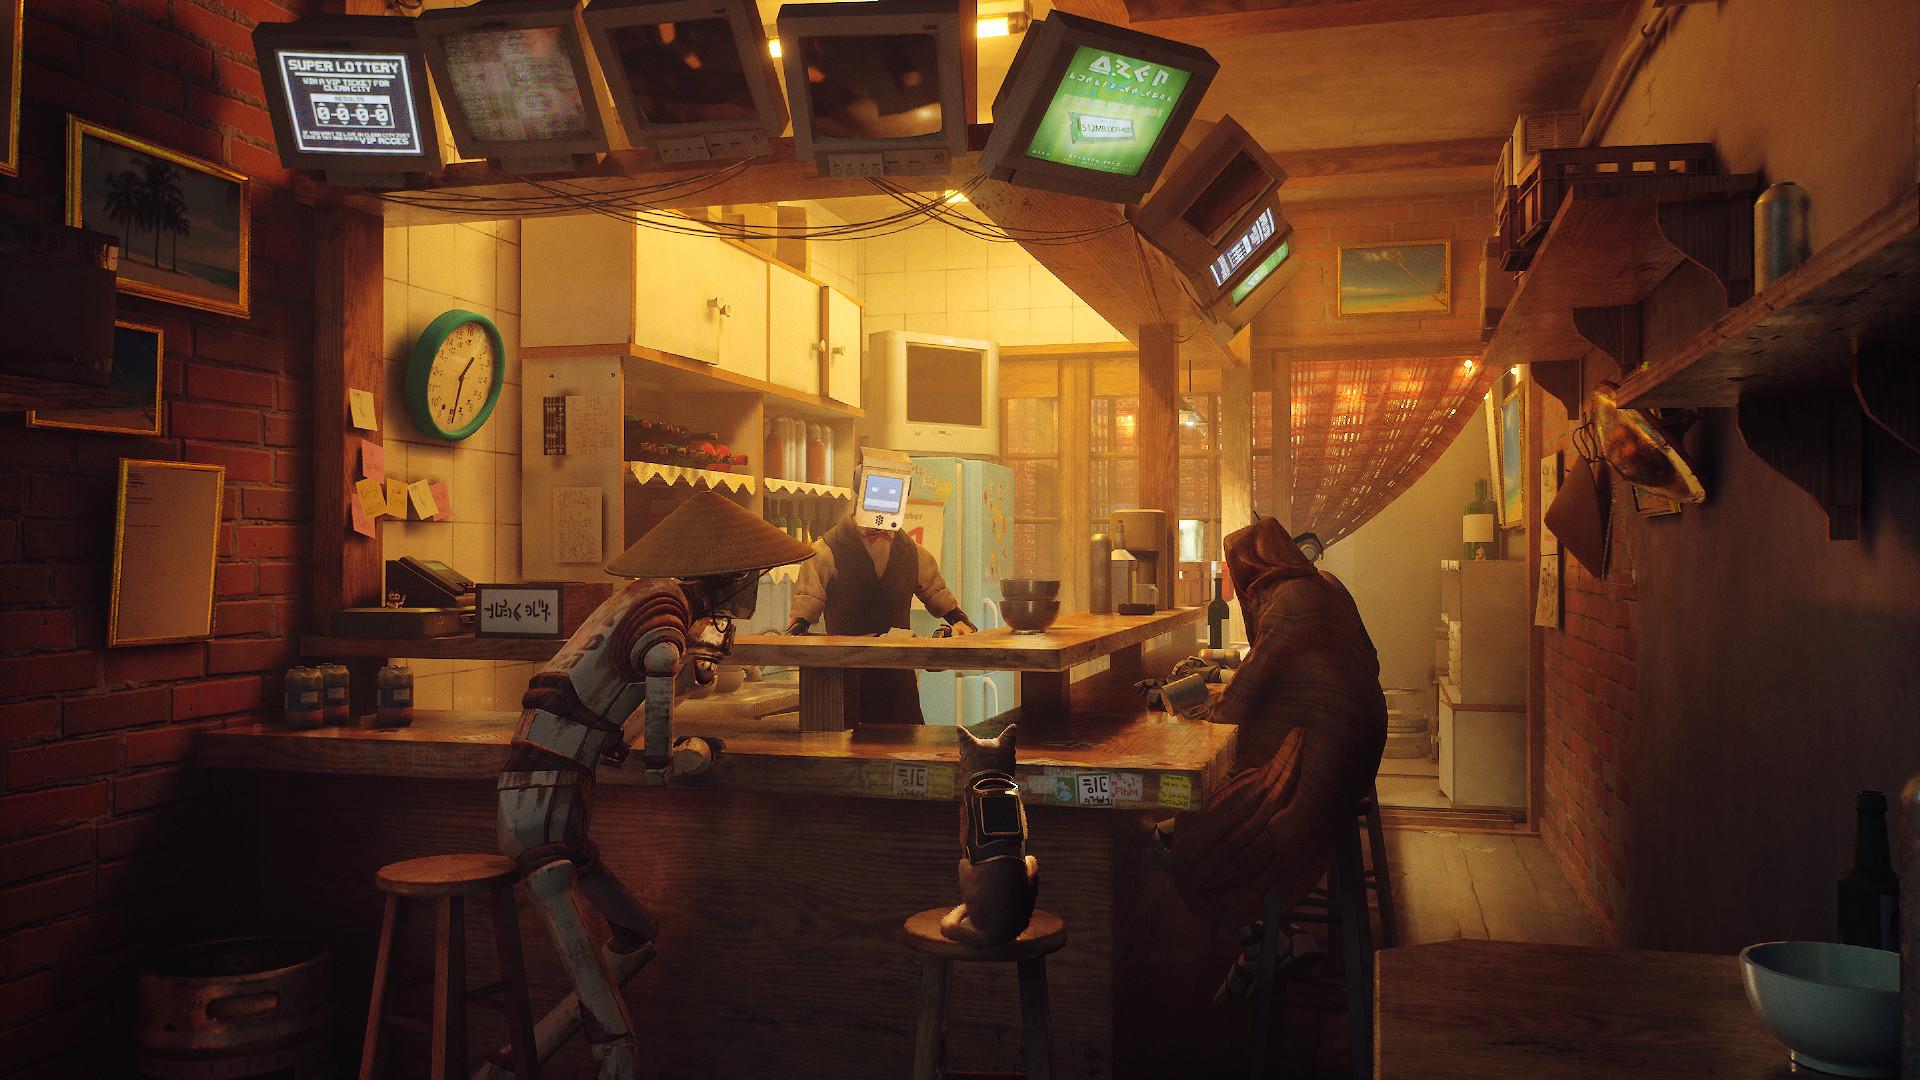 第三人称猫咪冒险游戏《迷失(Stray)》将于登陆PS5/Steam BlueTwelve Studio 游戏资讯 第1张